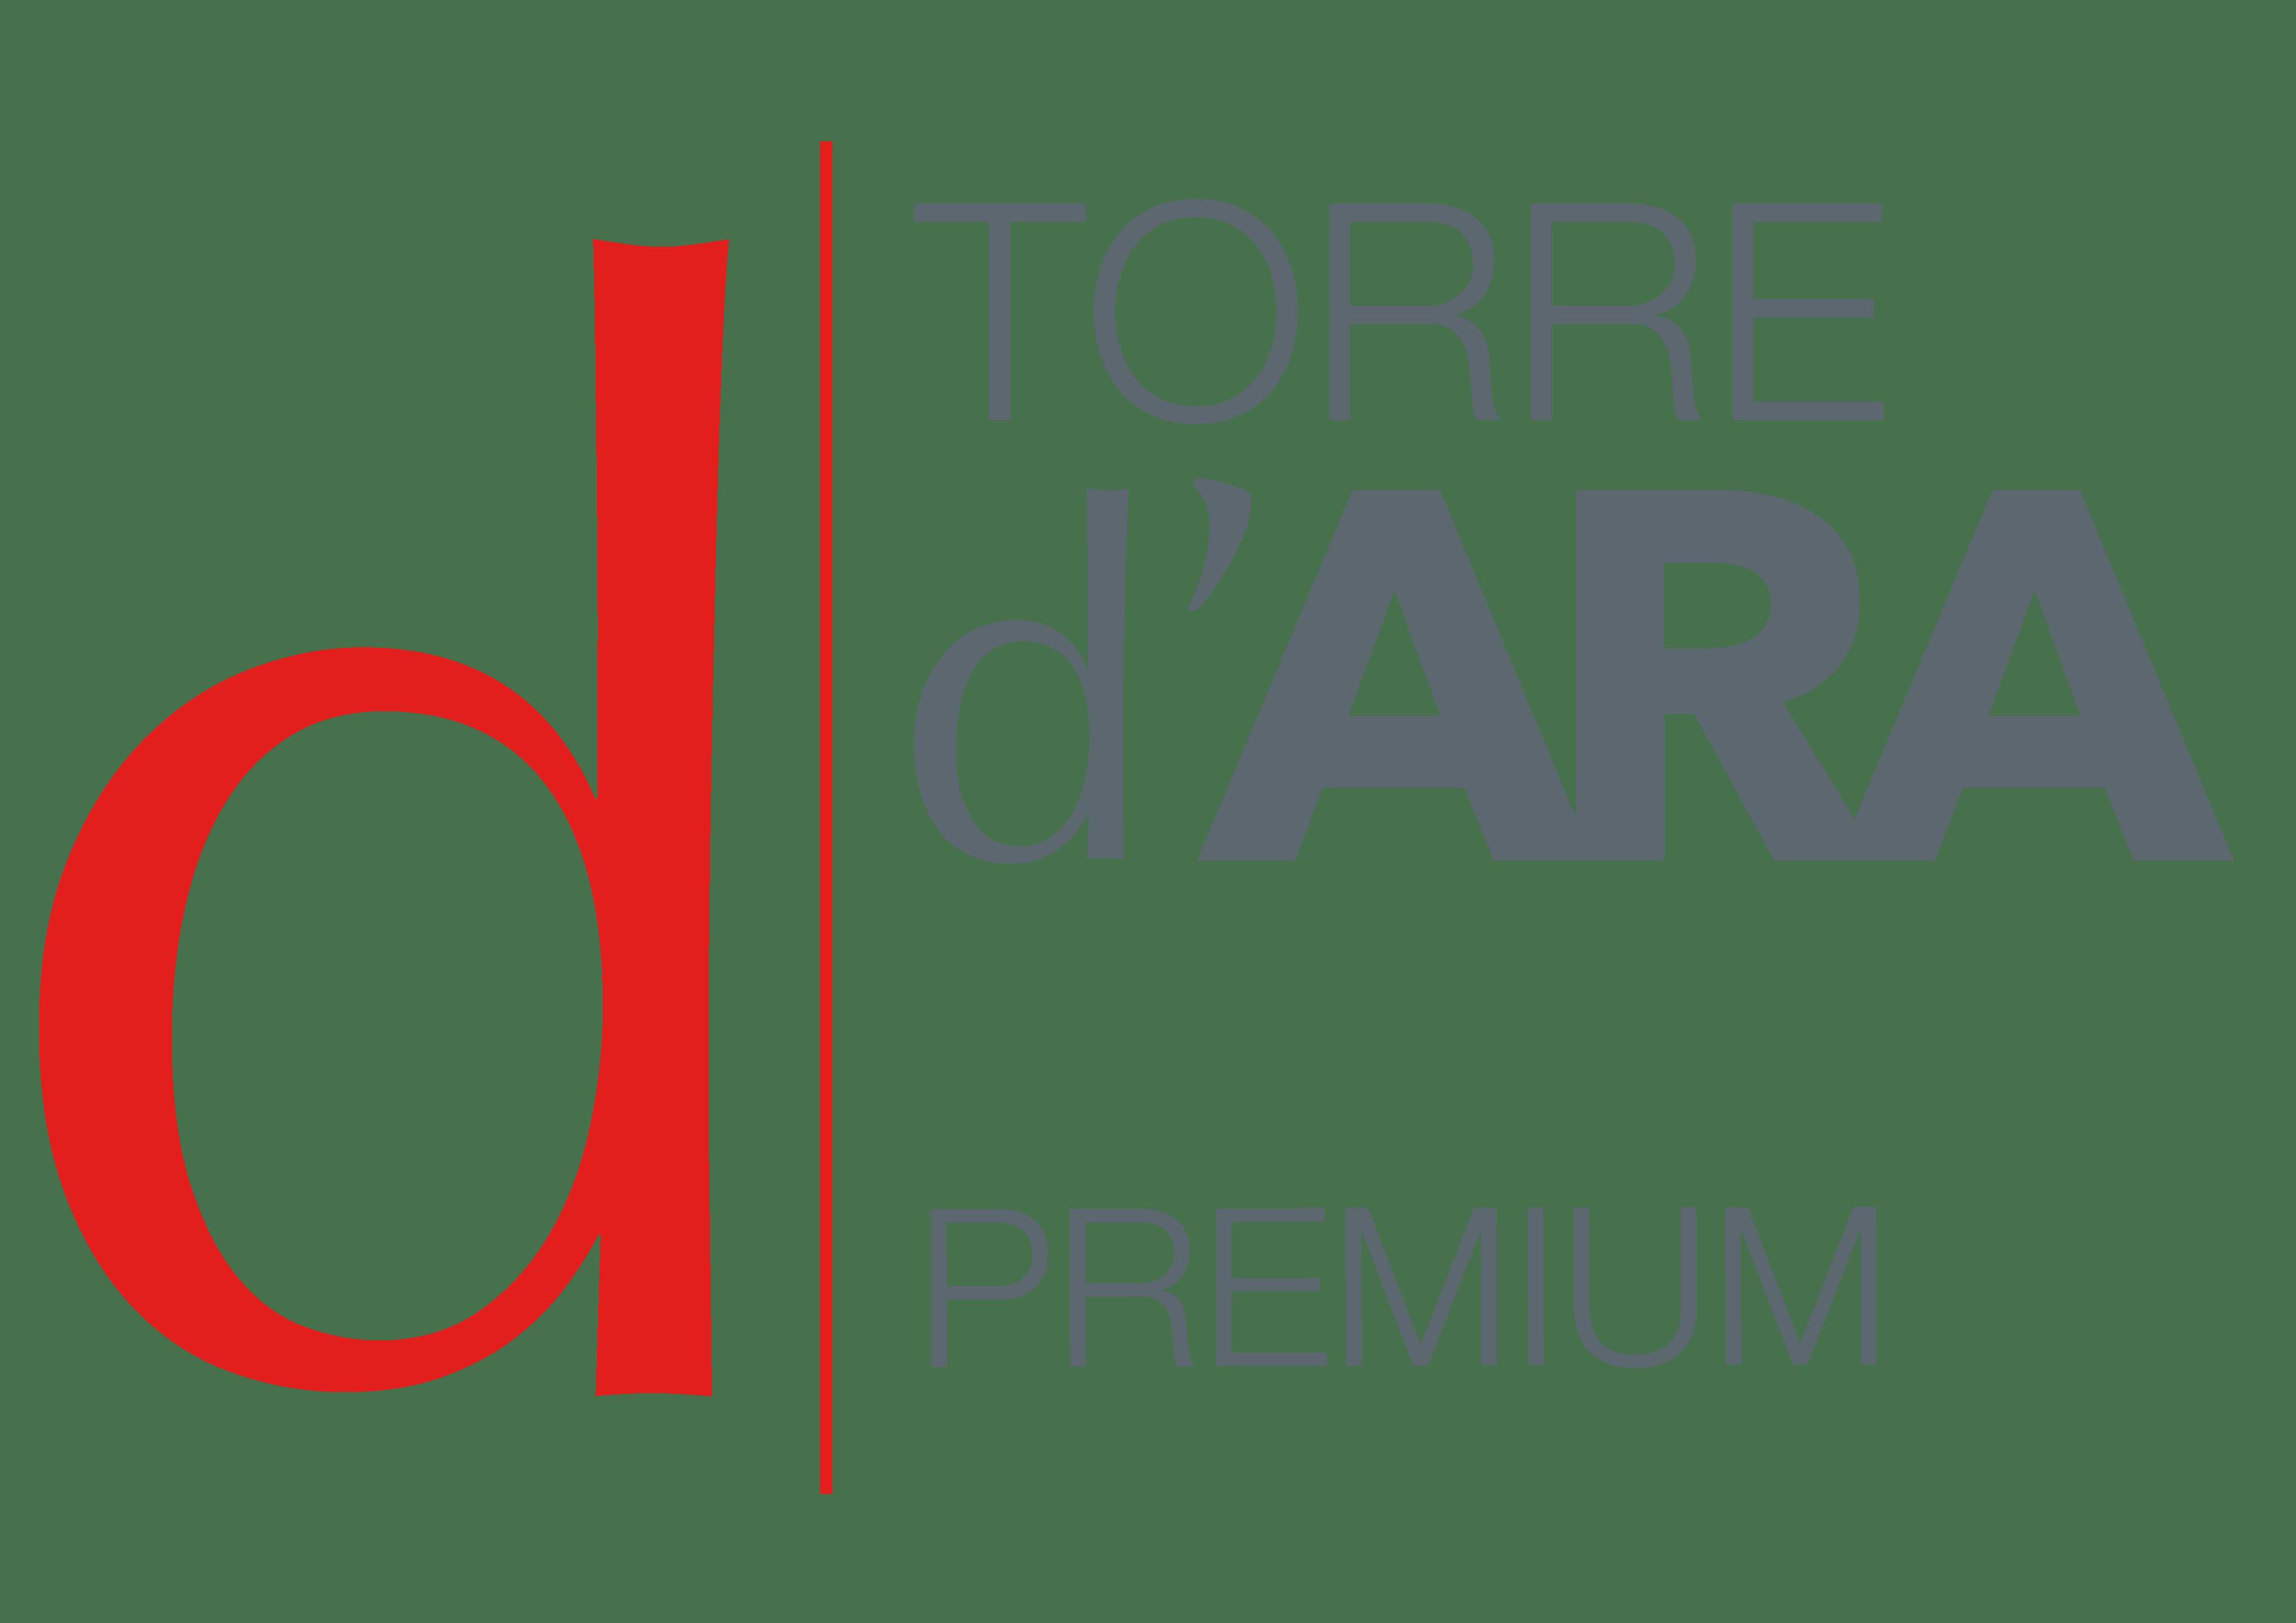 logo torre dara premium 14092017-01